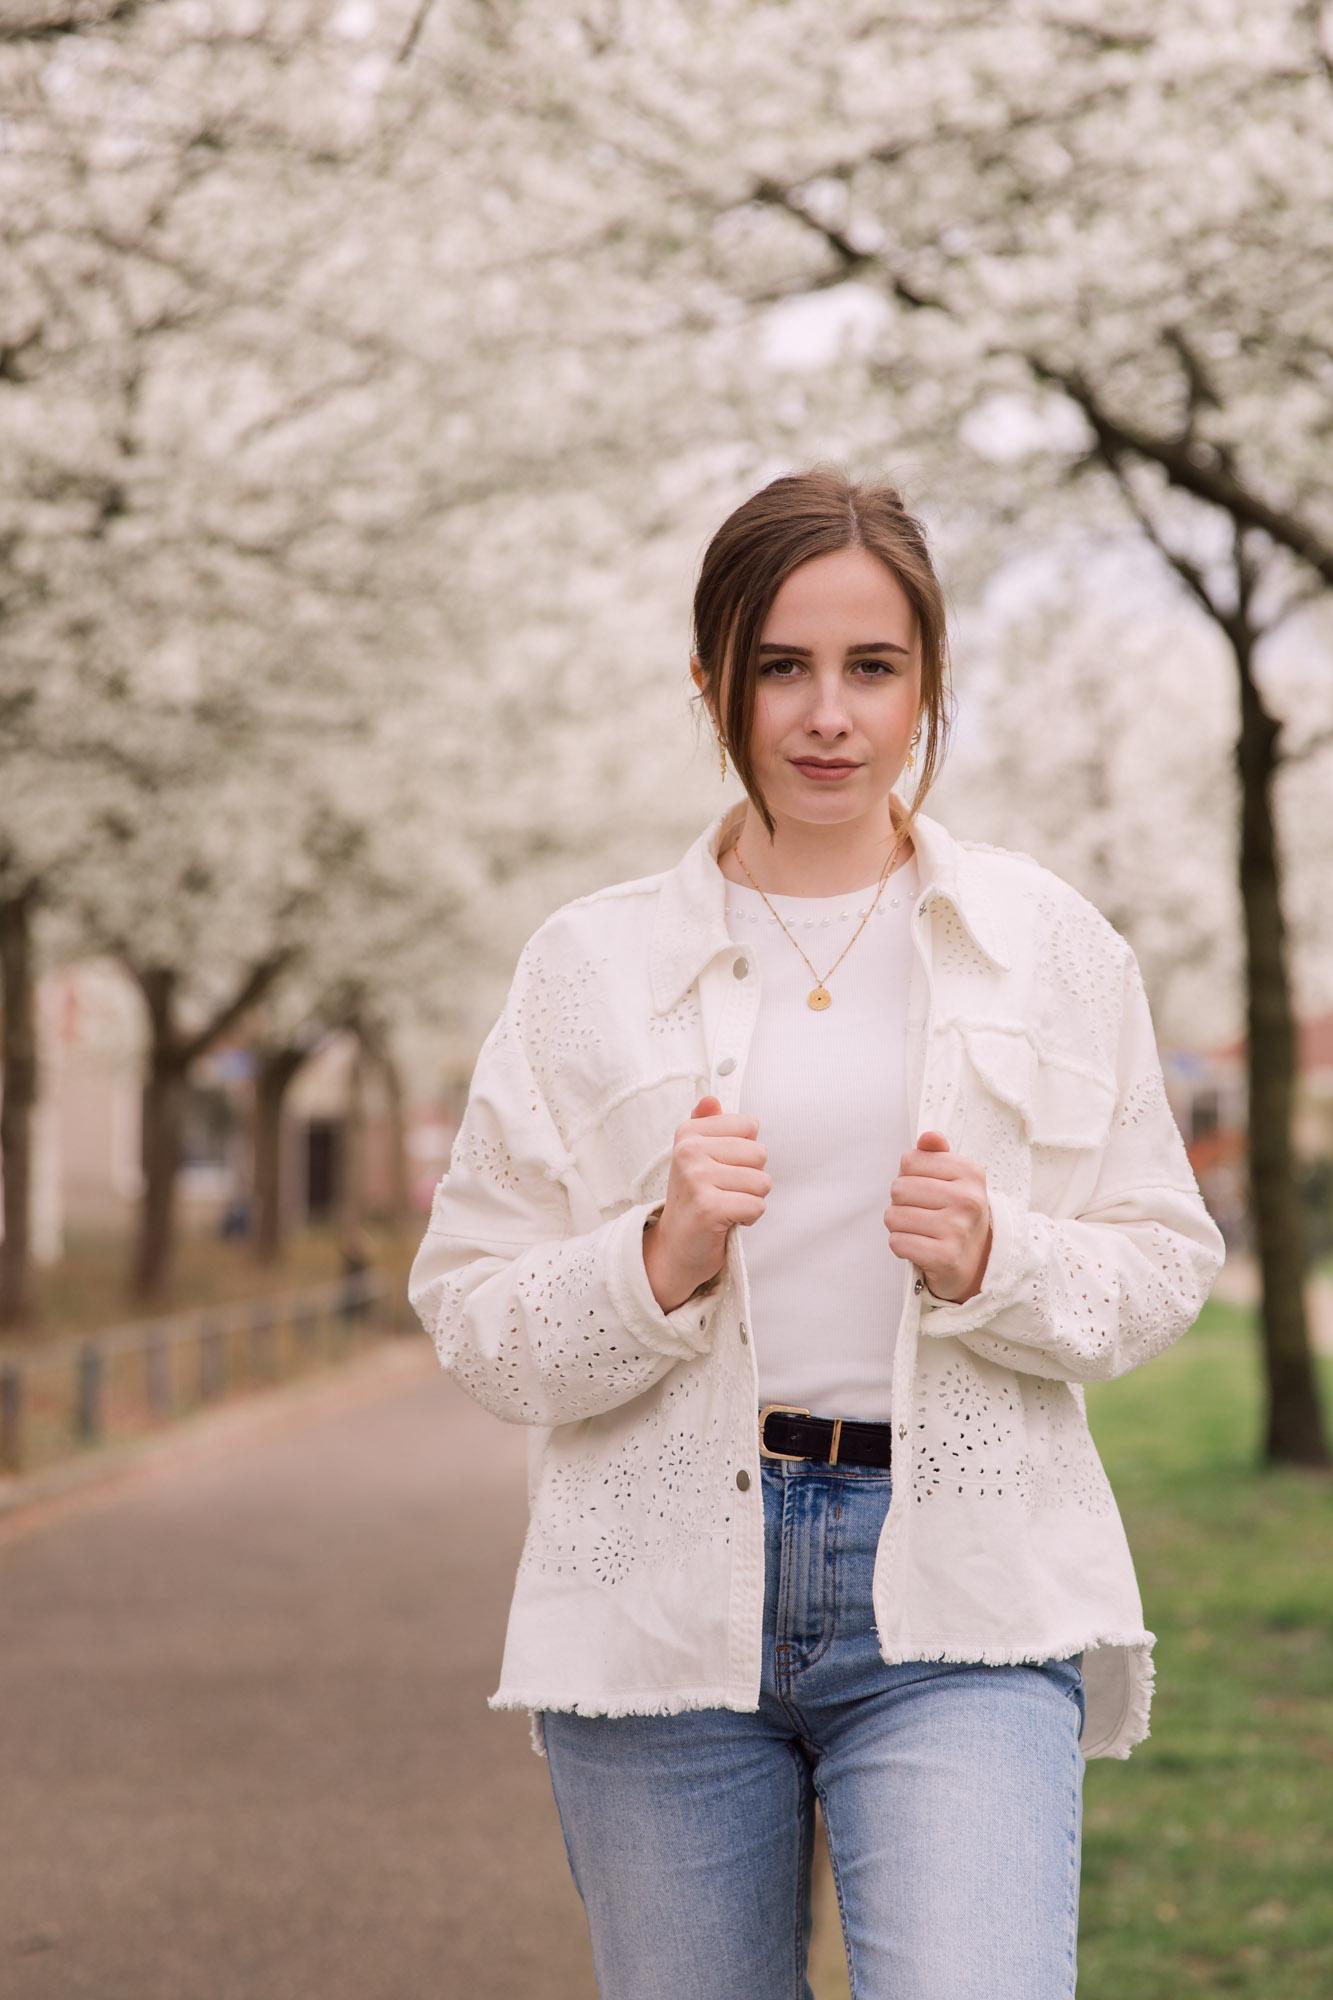 portret van jonge vrouw bij witte bloesembomen door mayrafotografie